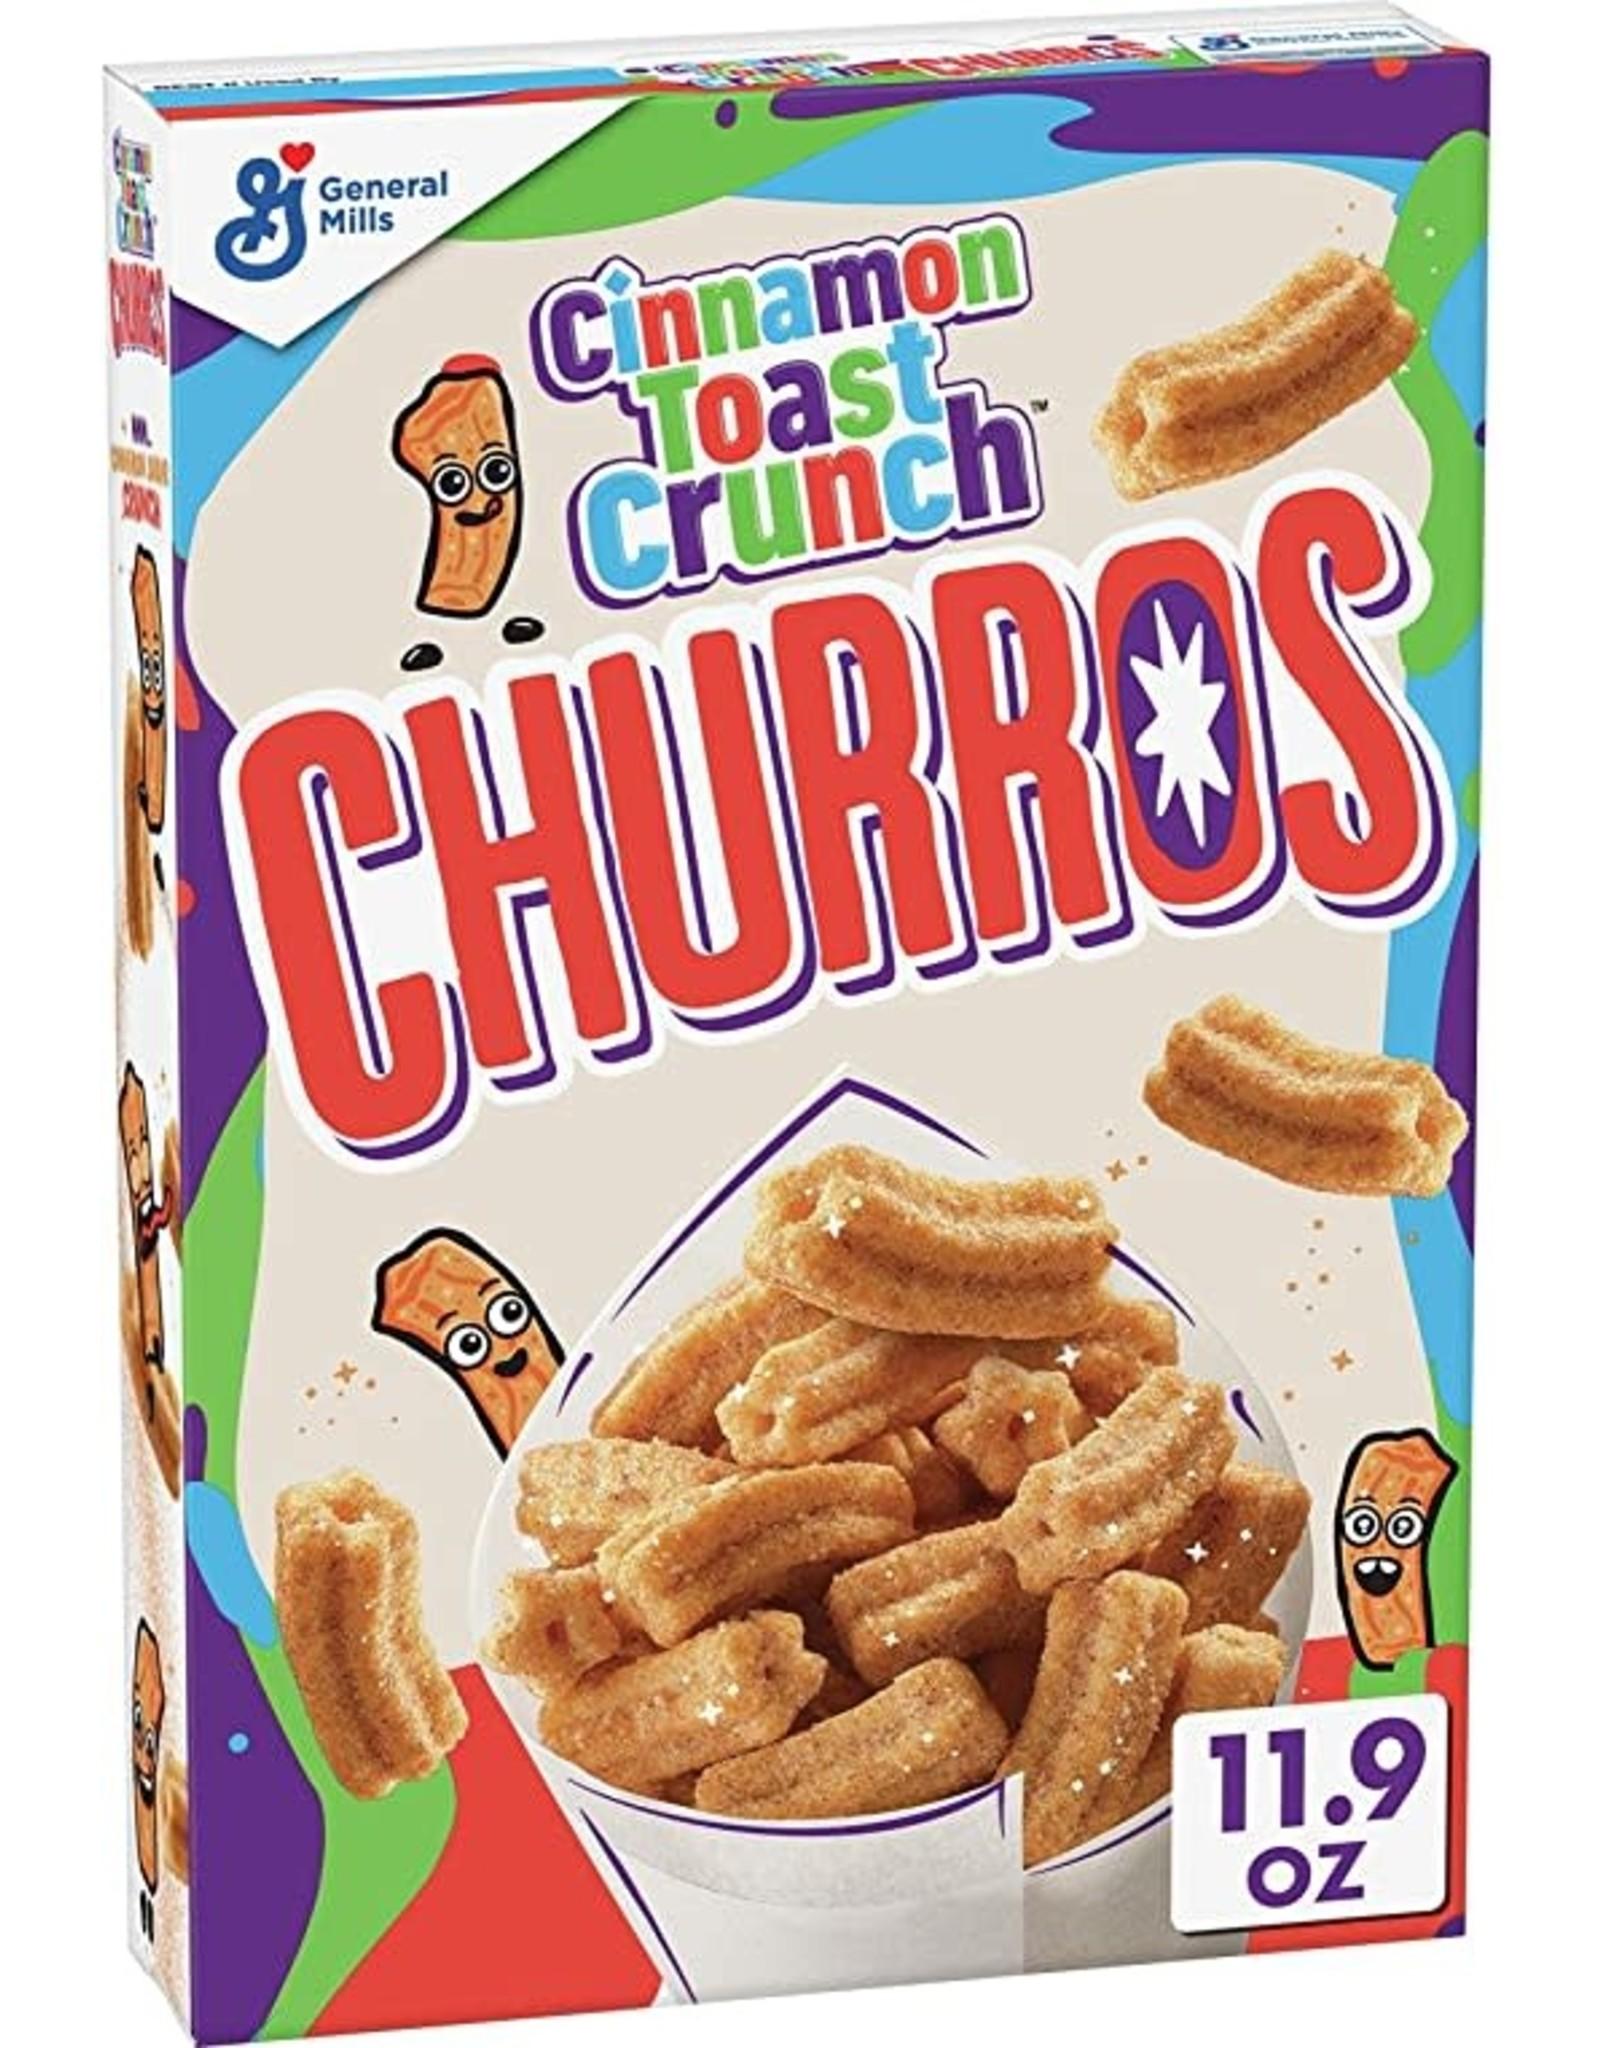 Cinnamon Toast Crunch Churros - 337g